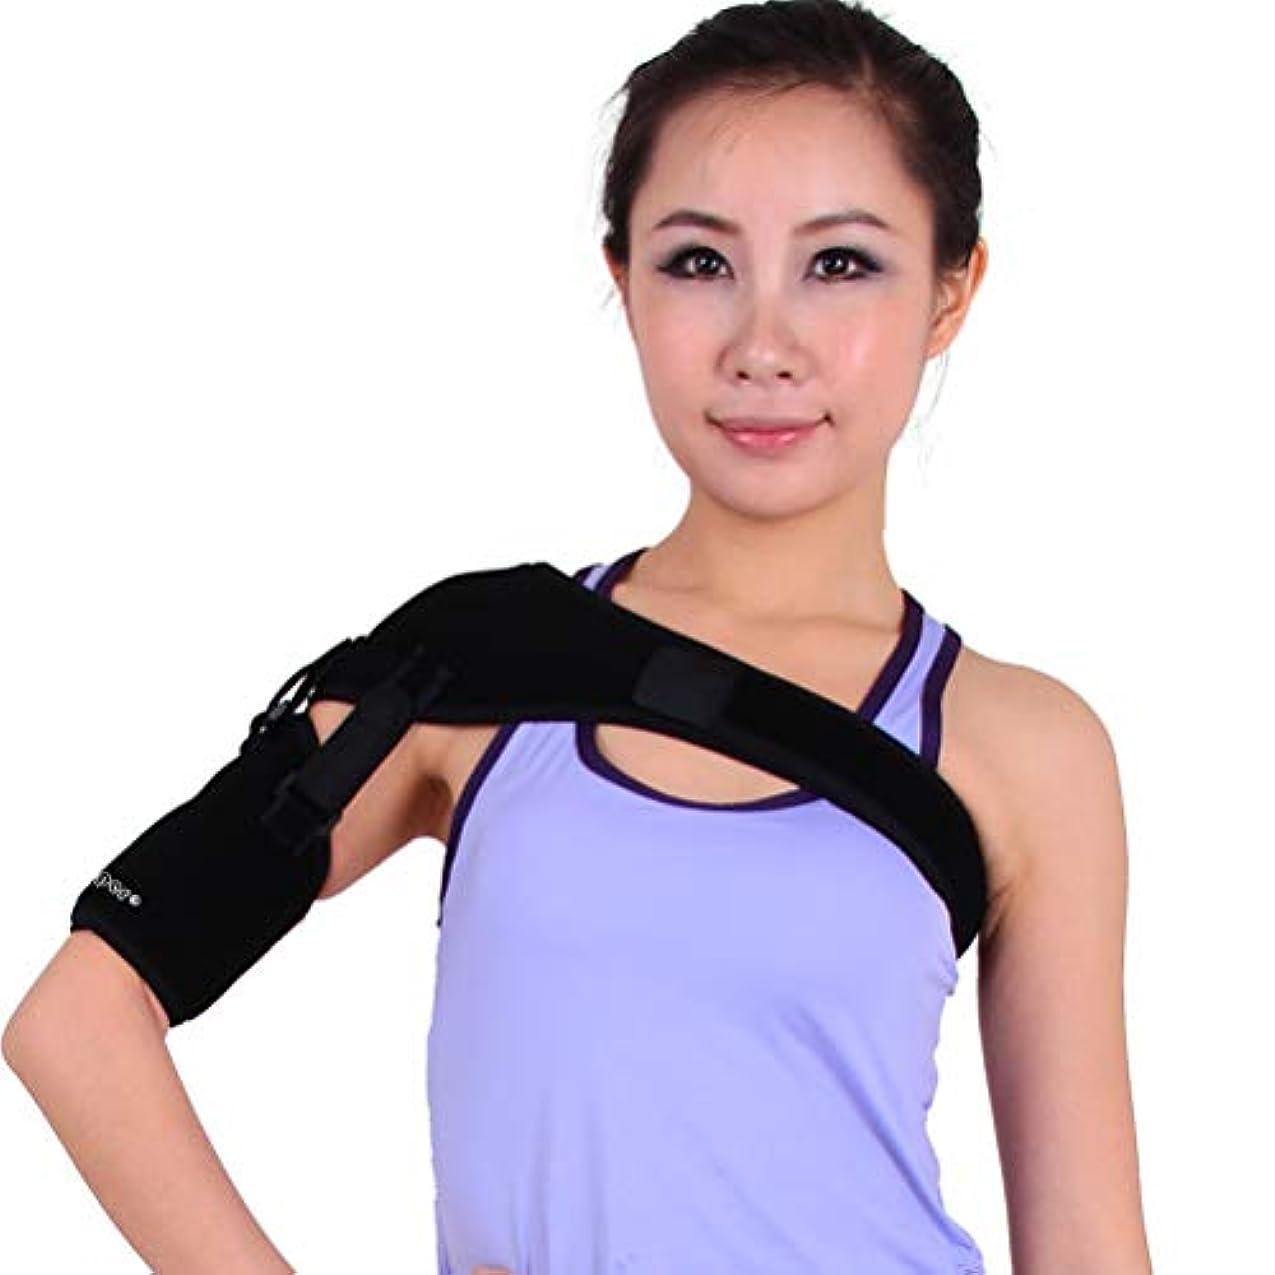 タイト創造ワイドHealifty ショルダーサポート右腕スリング調整可能な肘サポートメッシュブレース医療用スリングストラップ固定具(スポーツ用)壊れた骨折した腕(黒)